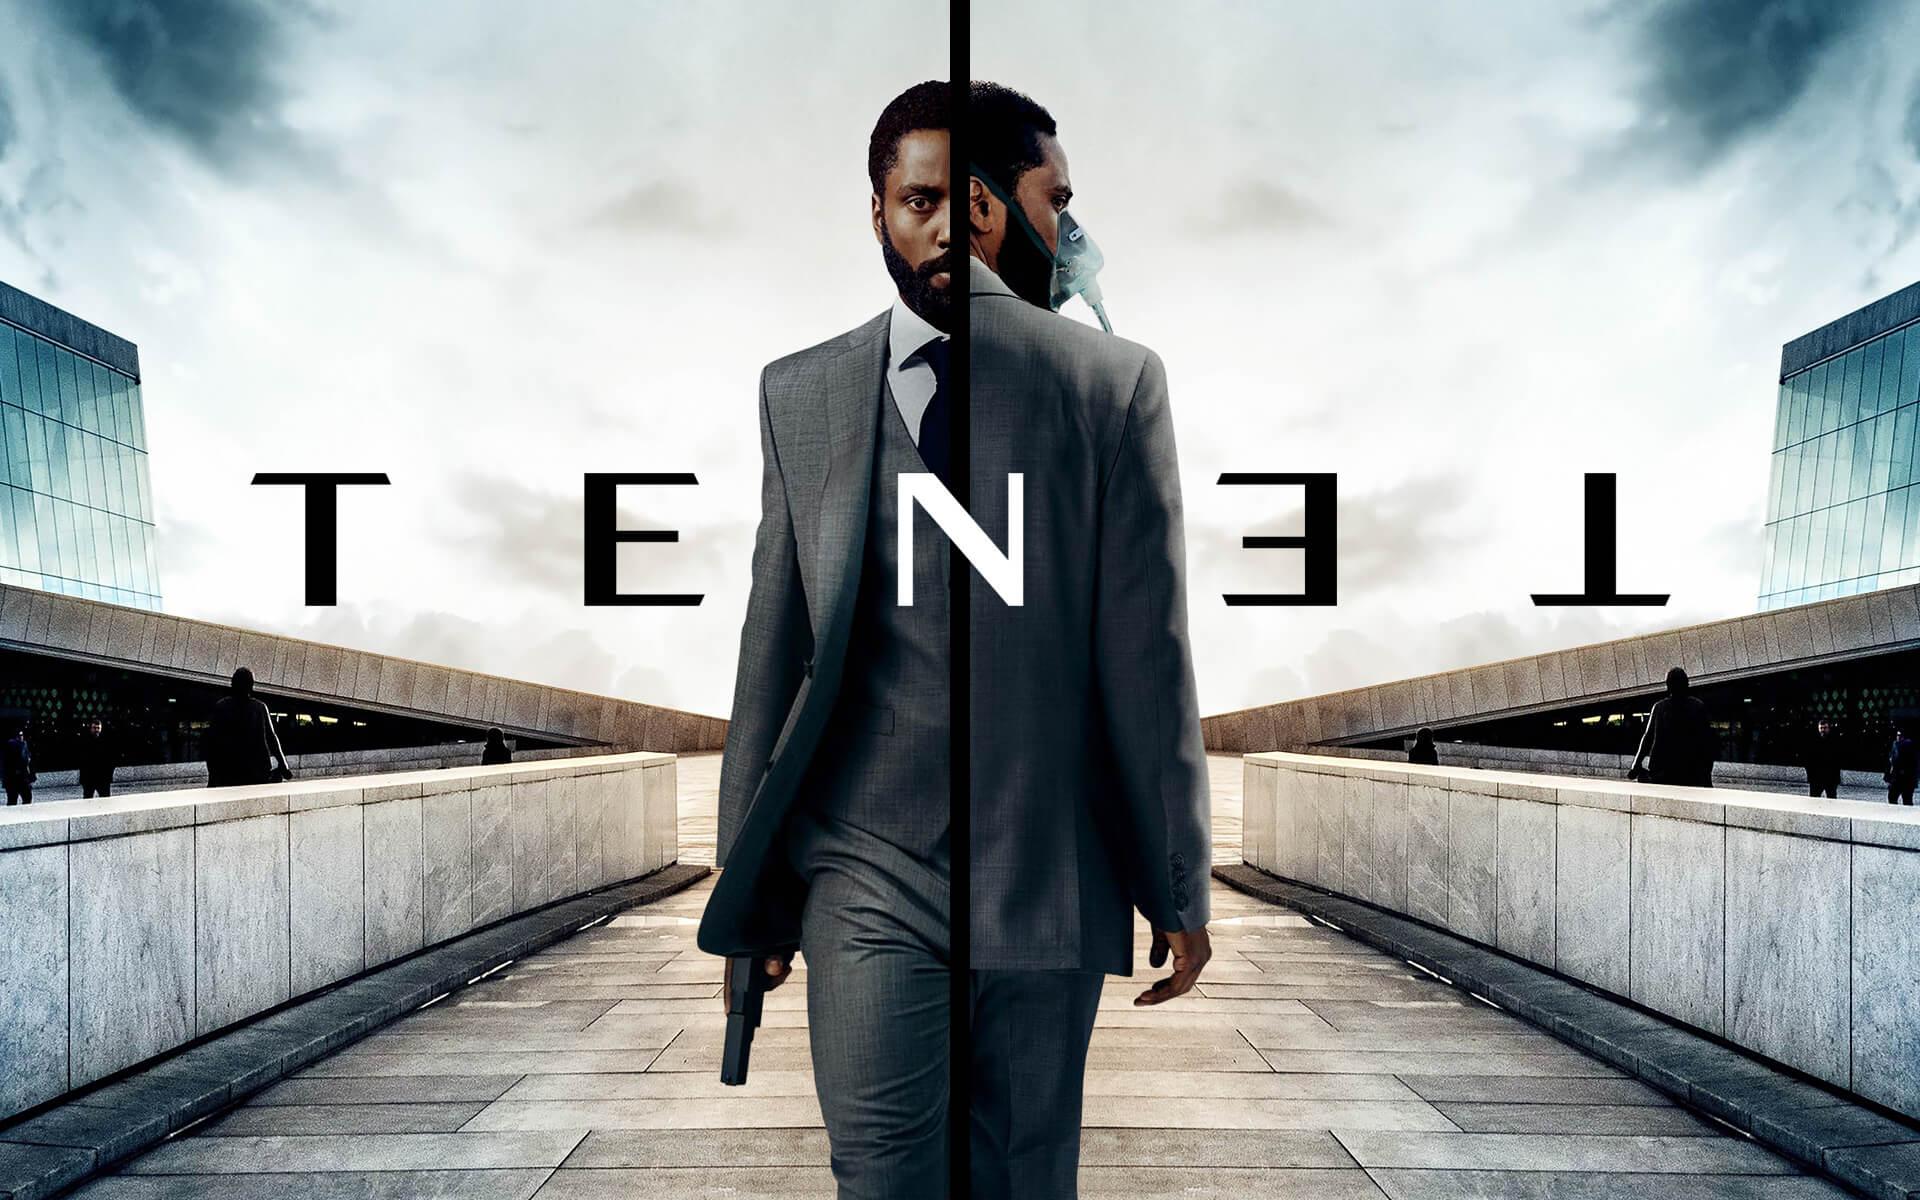 TENET | ManIn